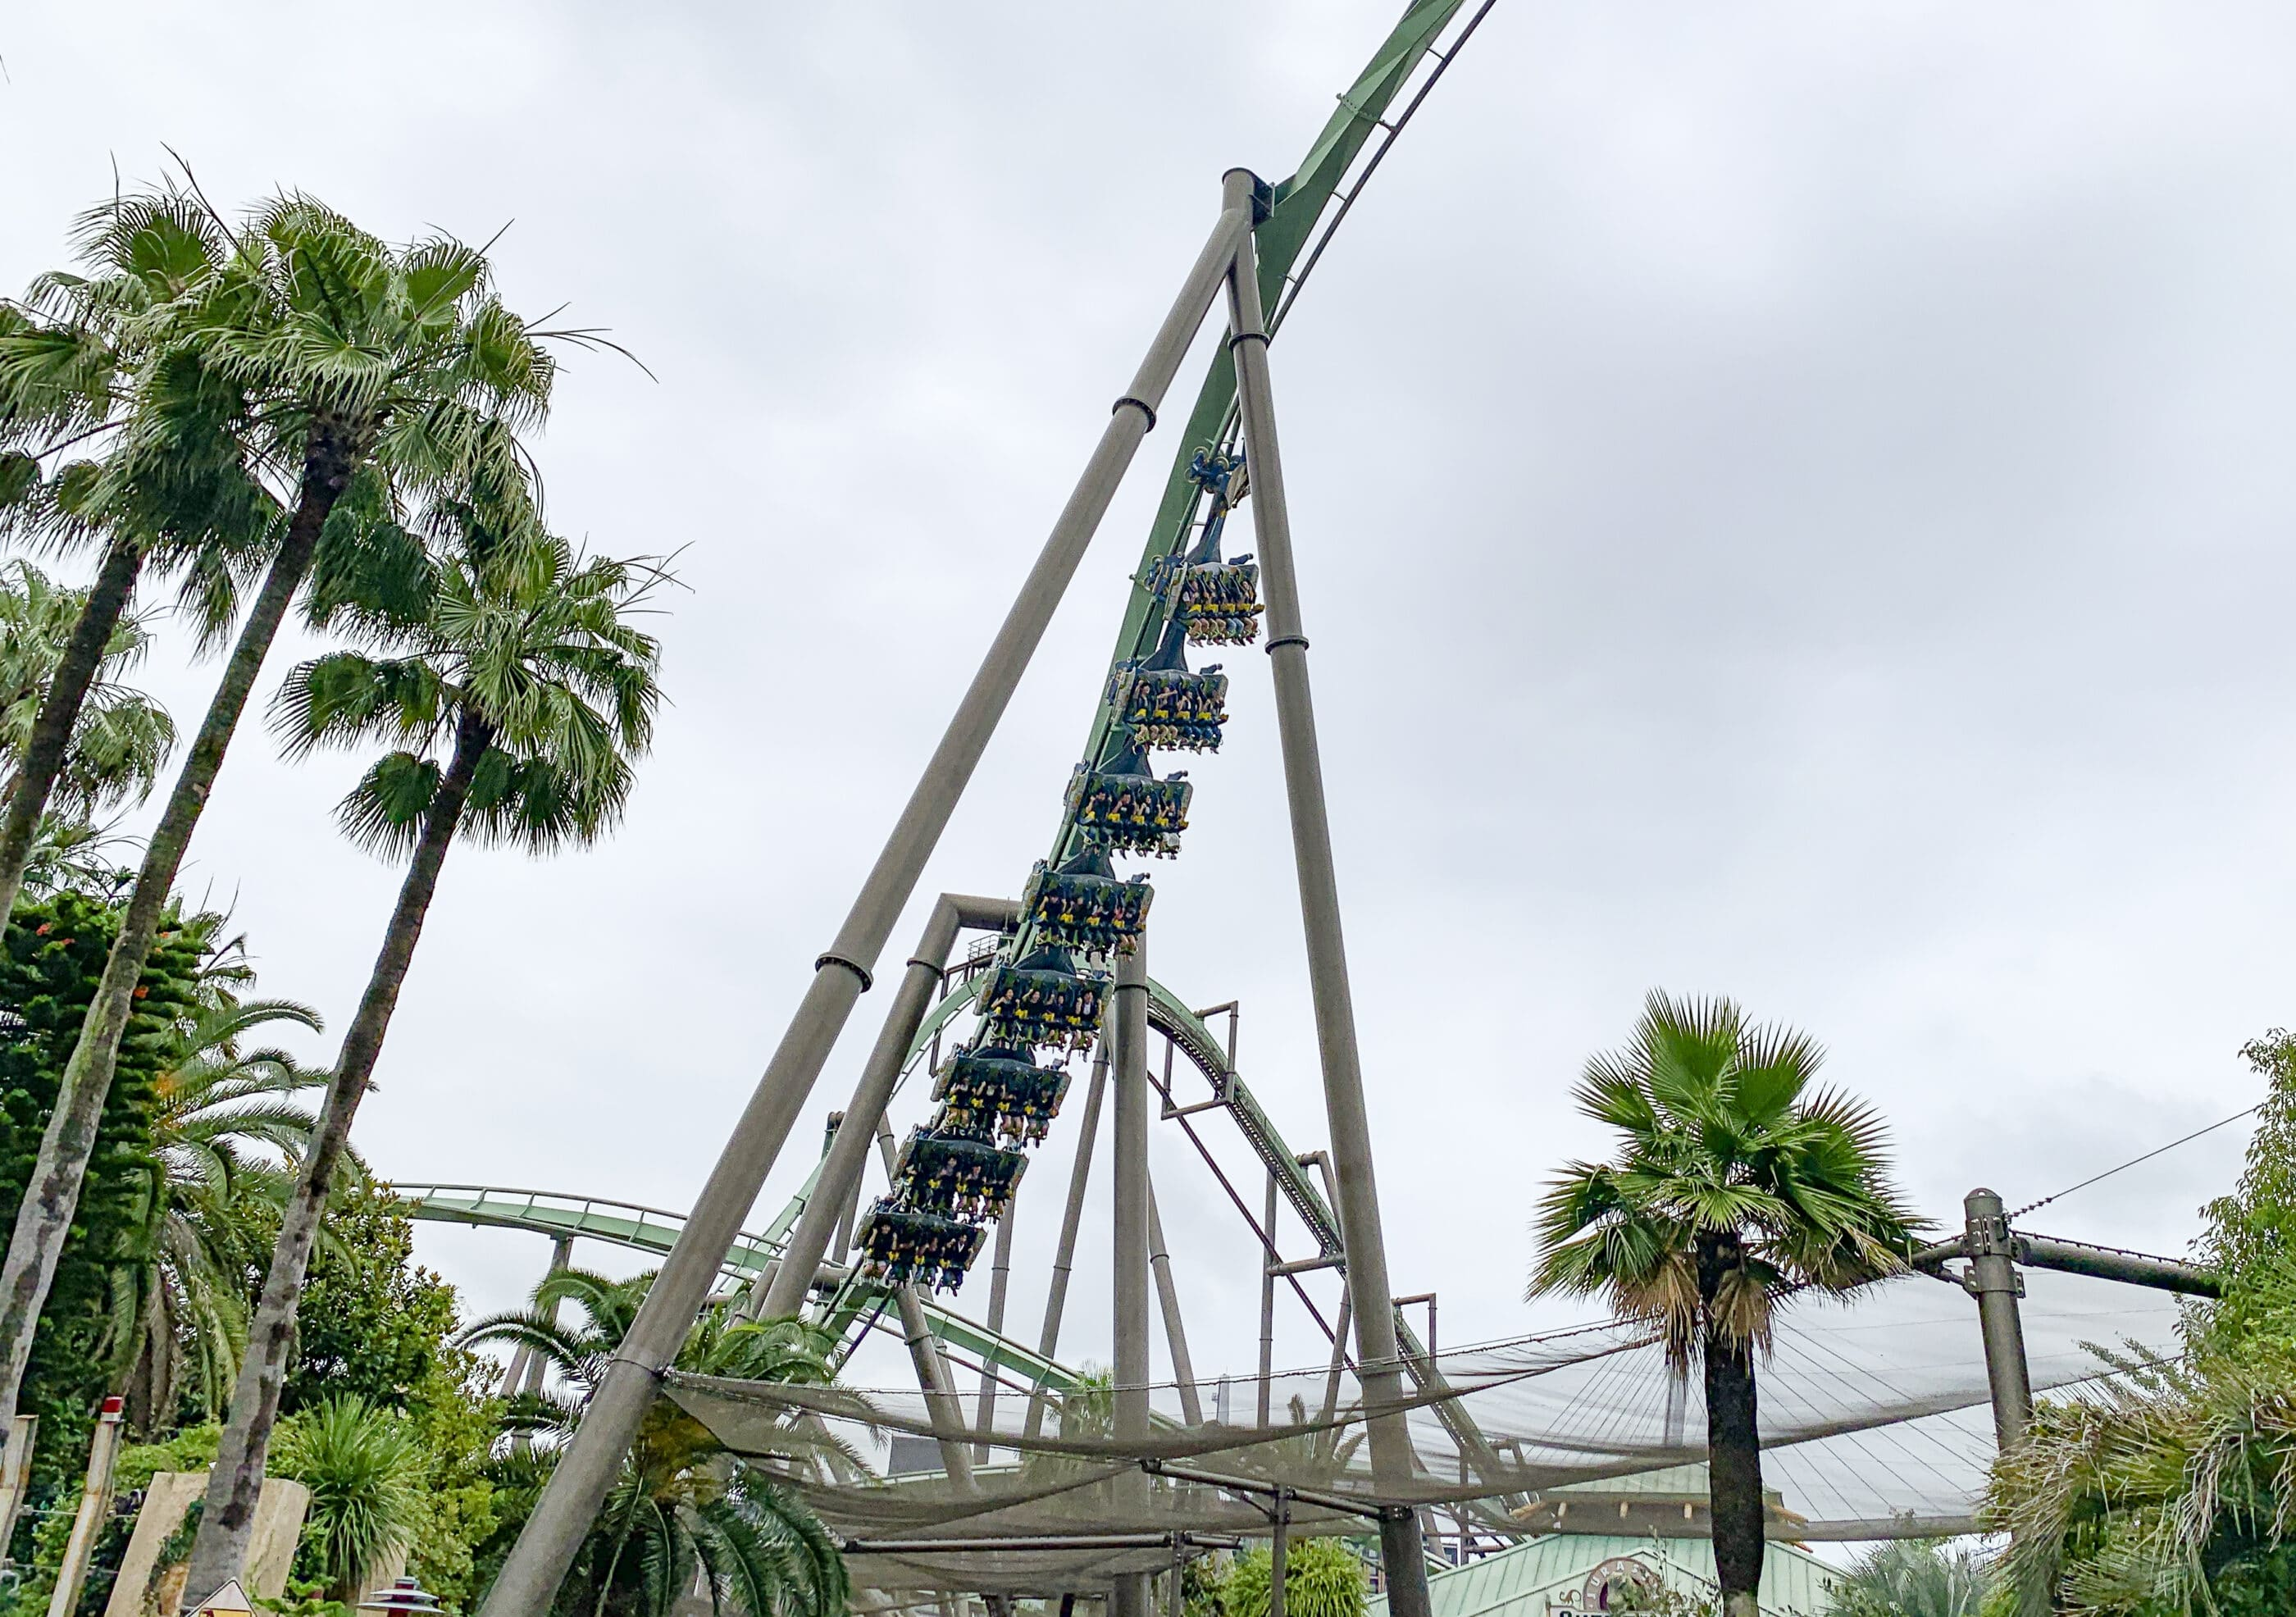 Flying Dinosaur roller coaster at Universal Studios Japan.